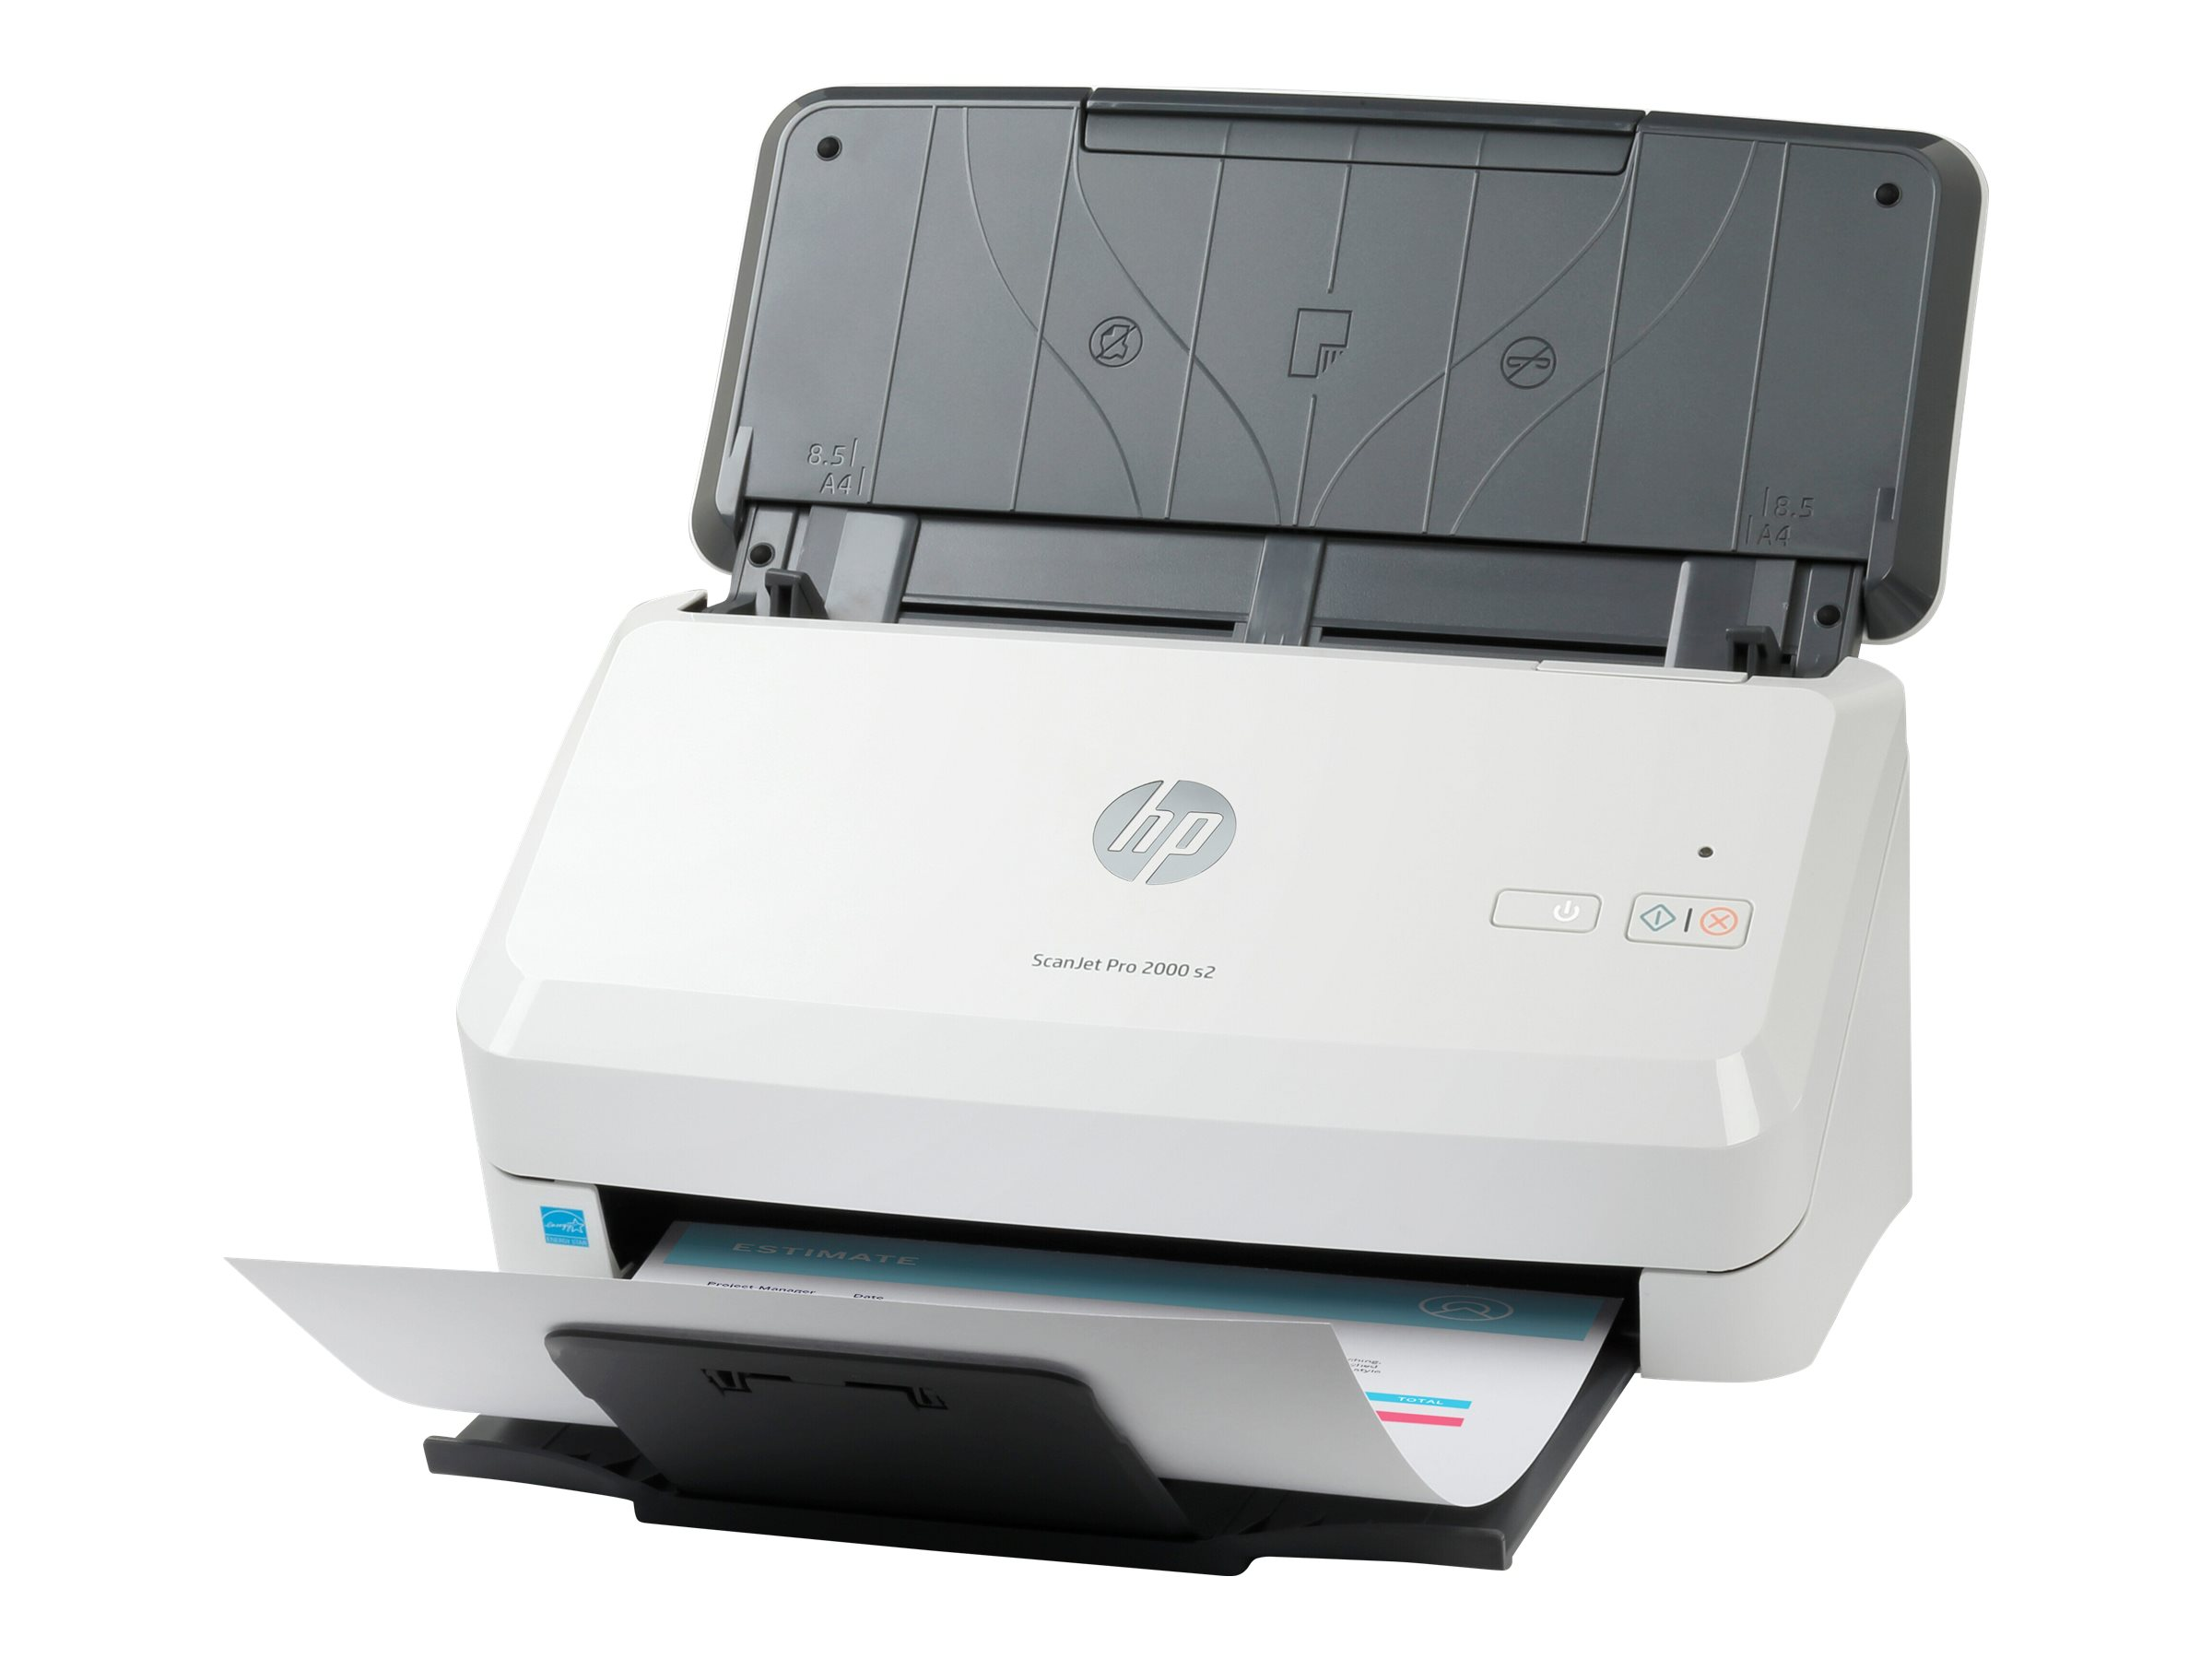 HP Scanjet Pro 2000 s2 Sheet-feed - Dokumentenscanner - CMOS / CIS - Duplex - 216 x 3100 mm - 600 dpi x 600 dpi - bis zu 35 Seiten/Min. (einfarbig)